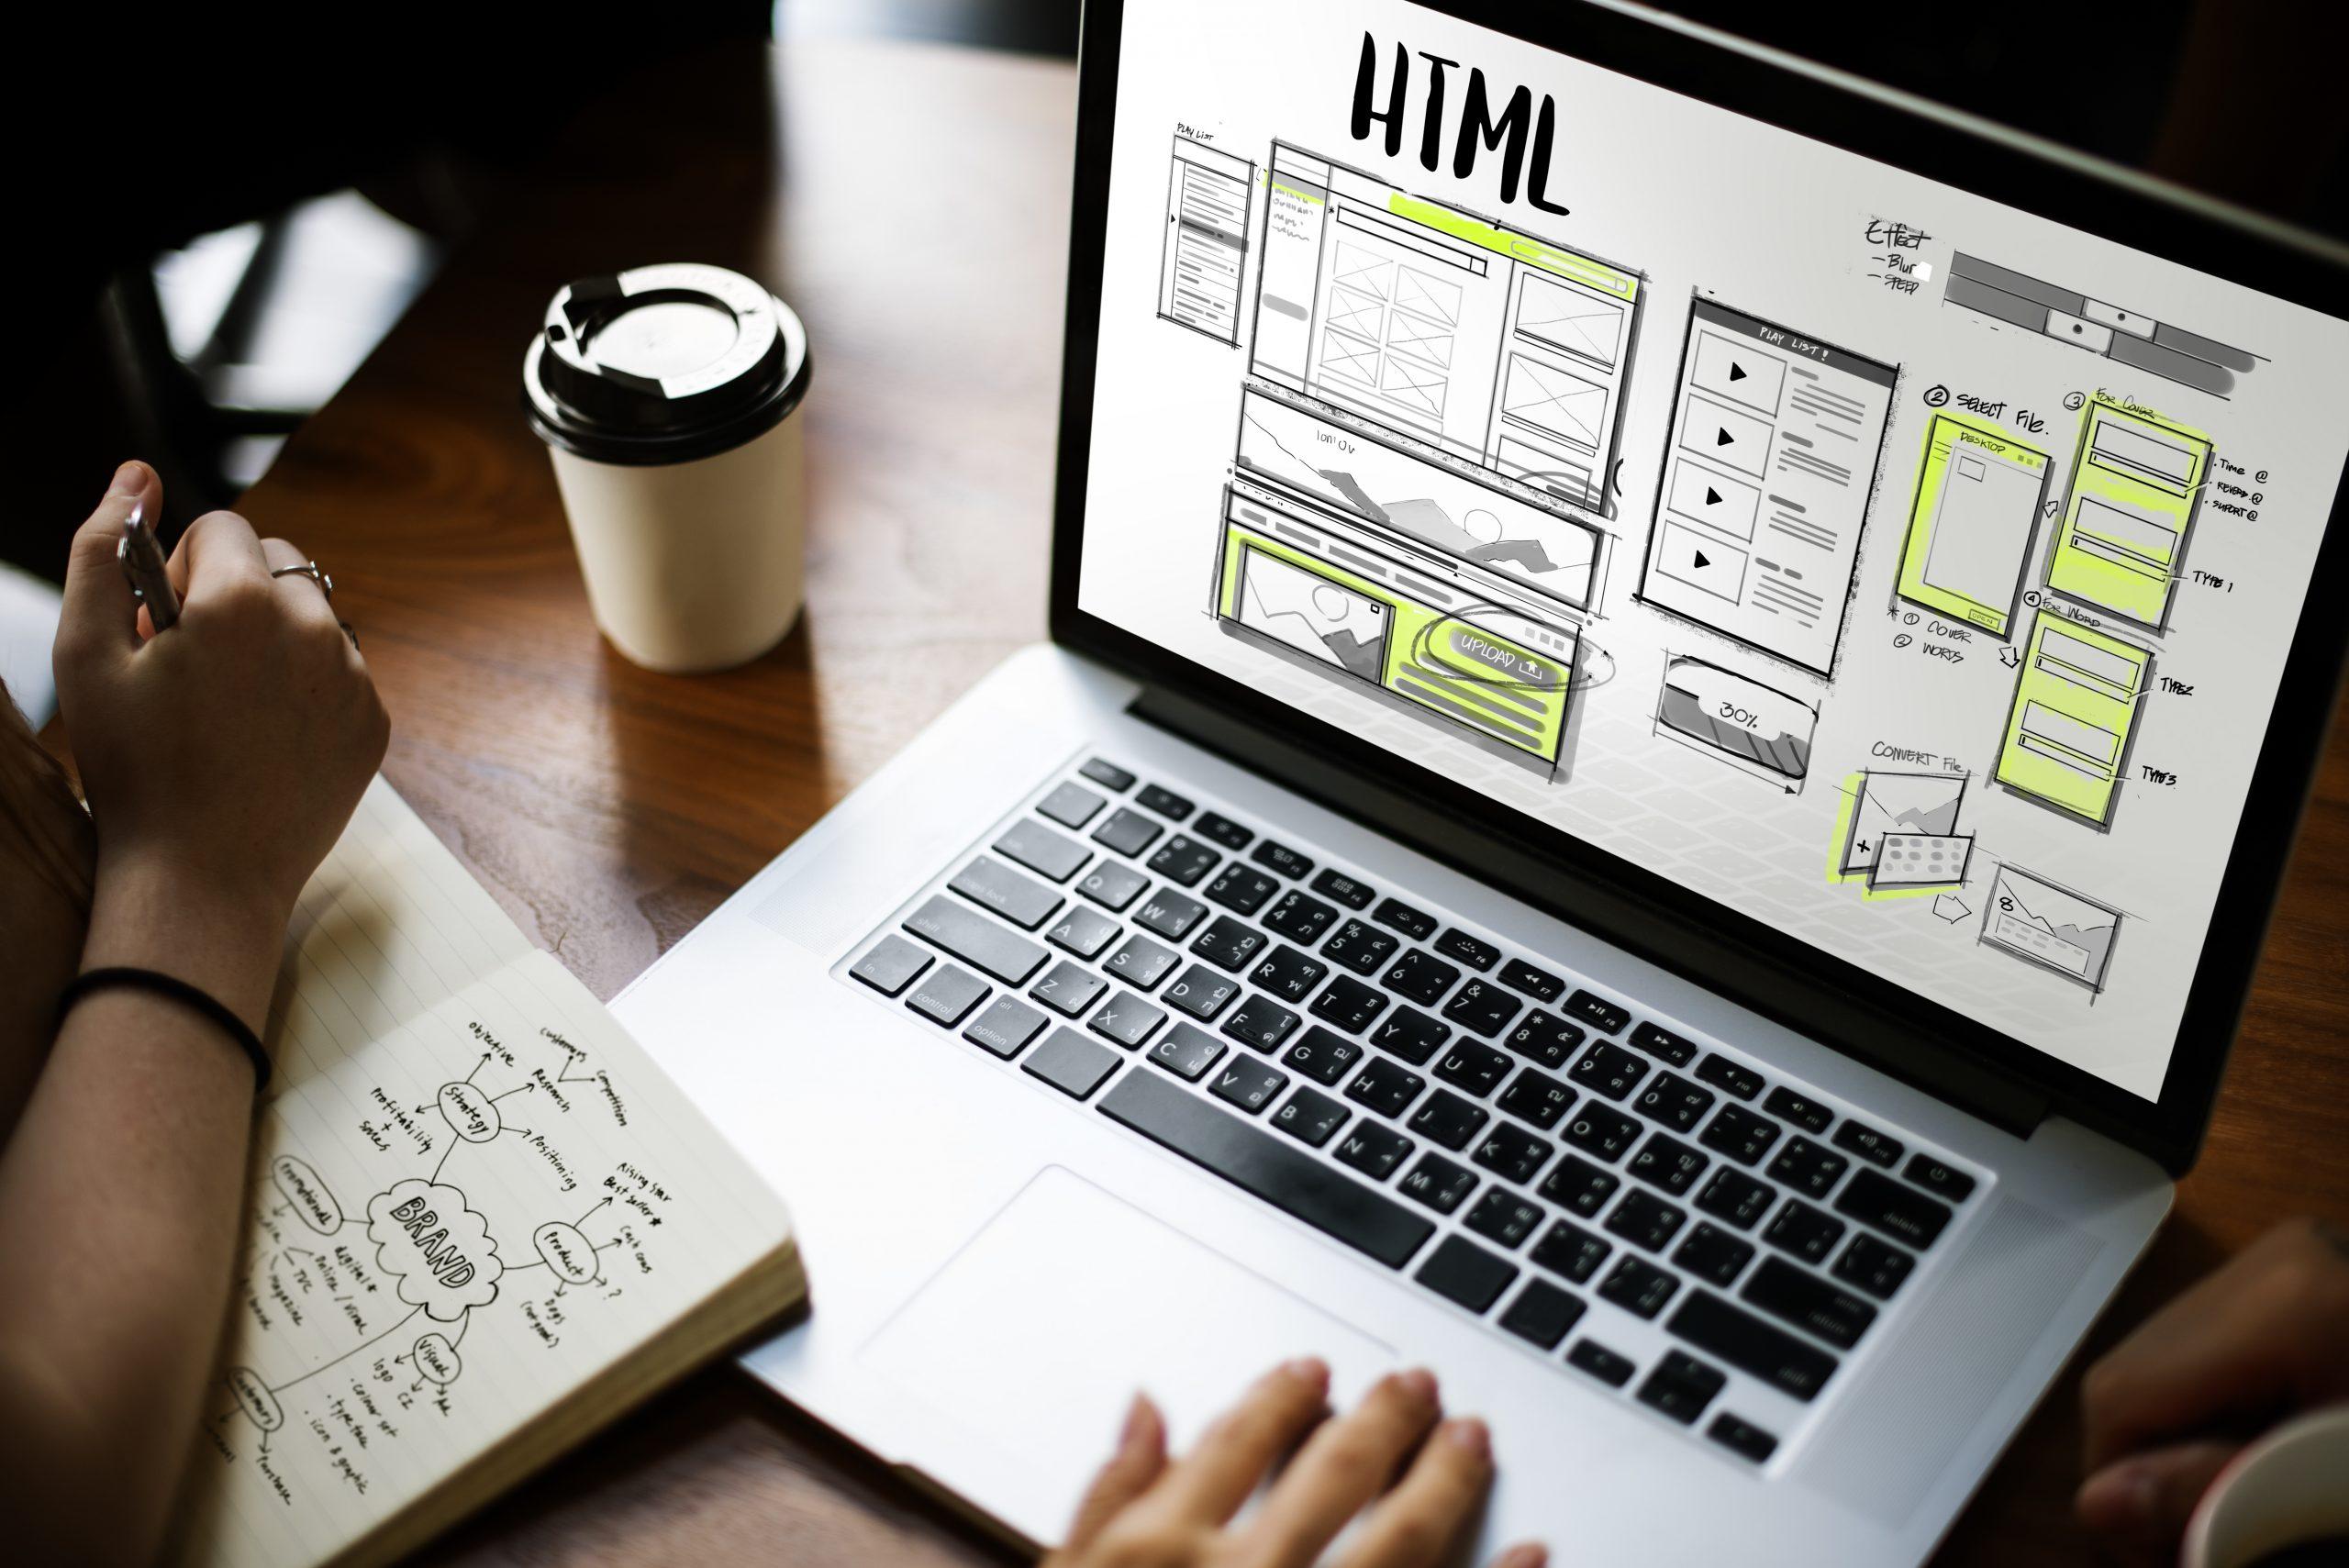 Características de un sitio web: lo que debe tener